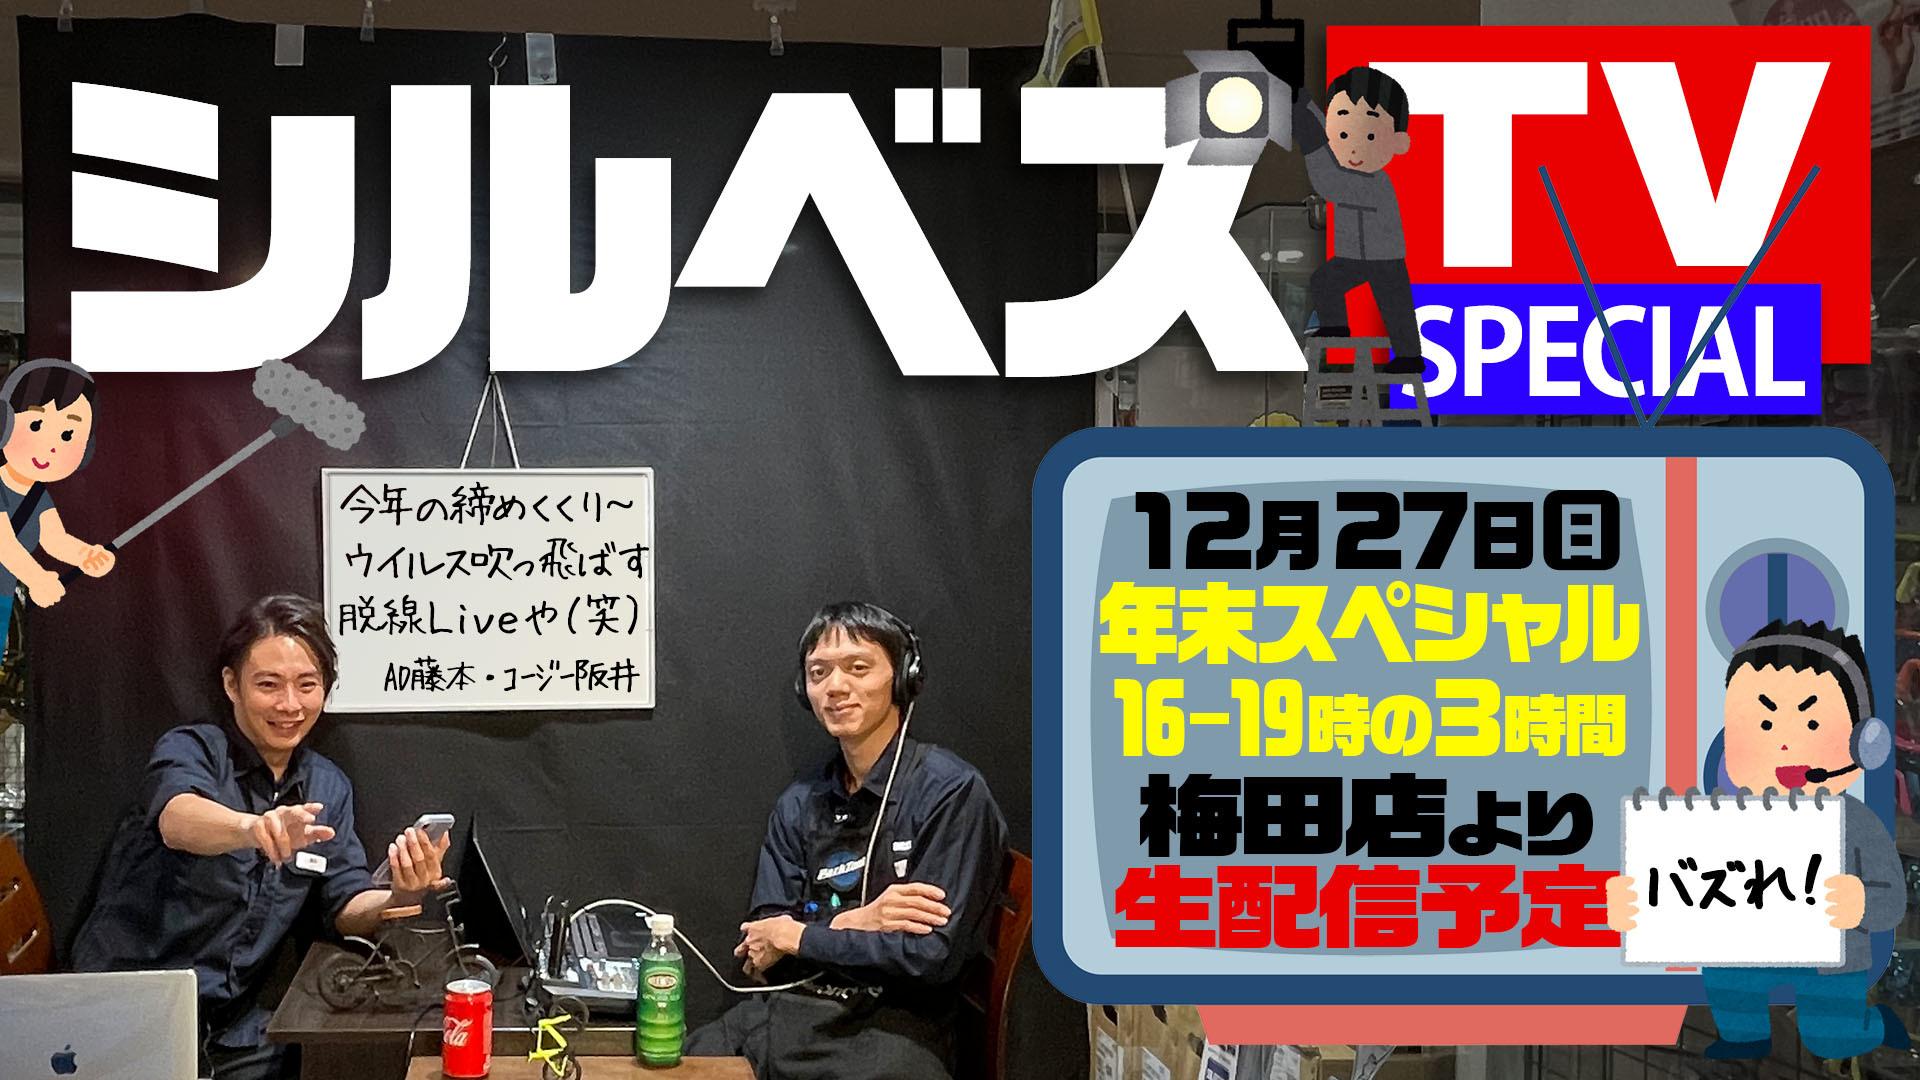 12/27(日)シルベスTV スペシャル生放送_e0363689_14001481.jpeg